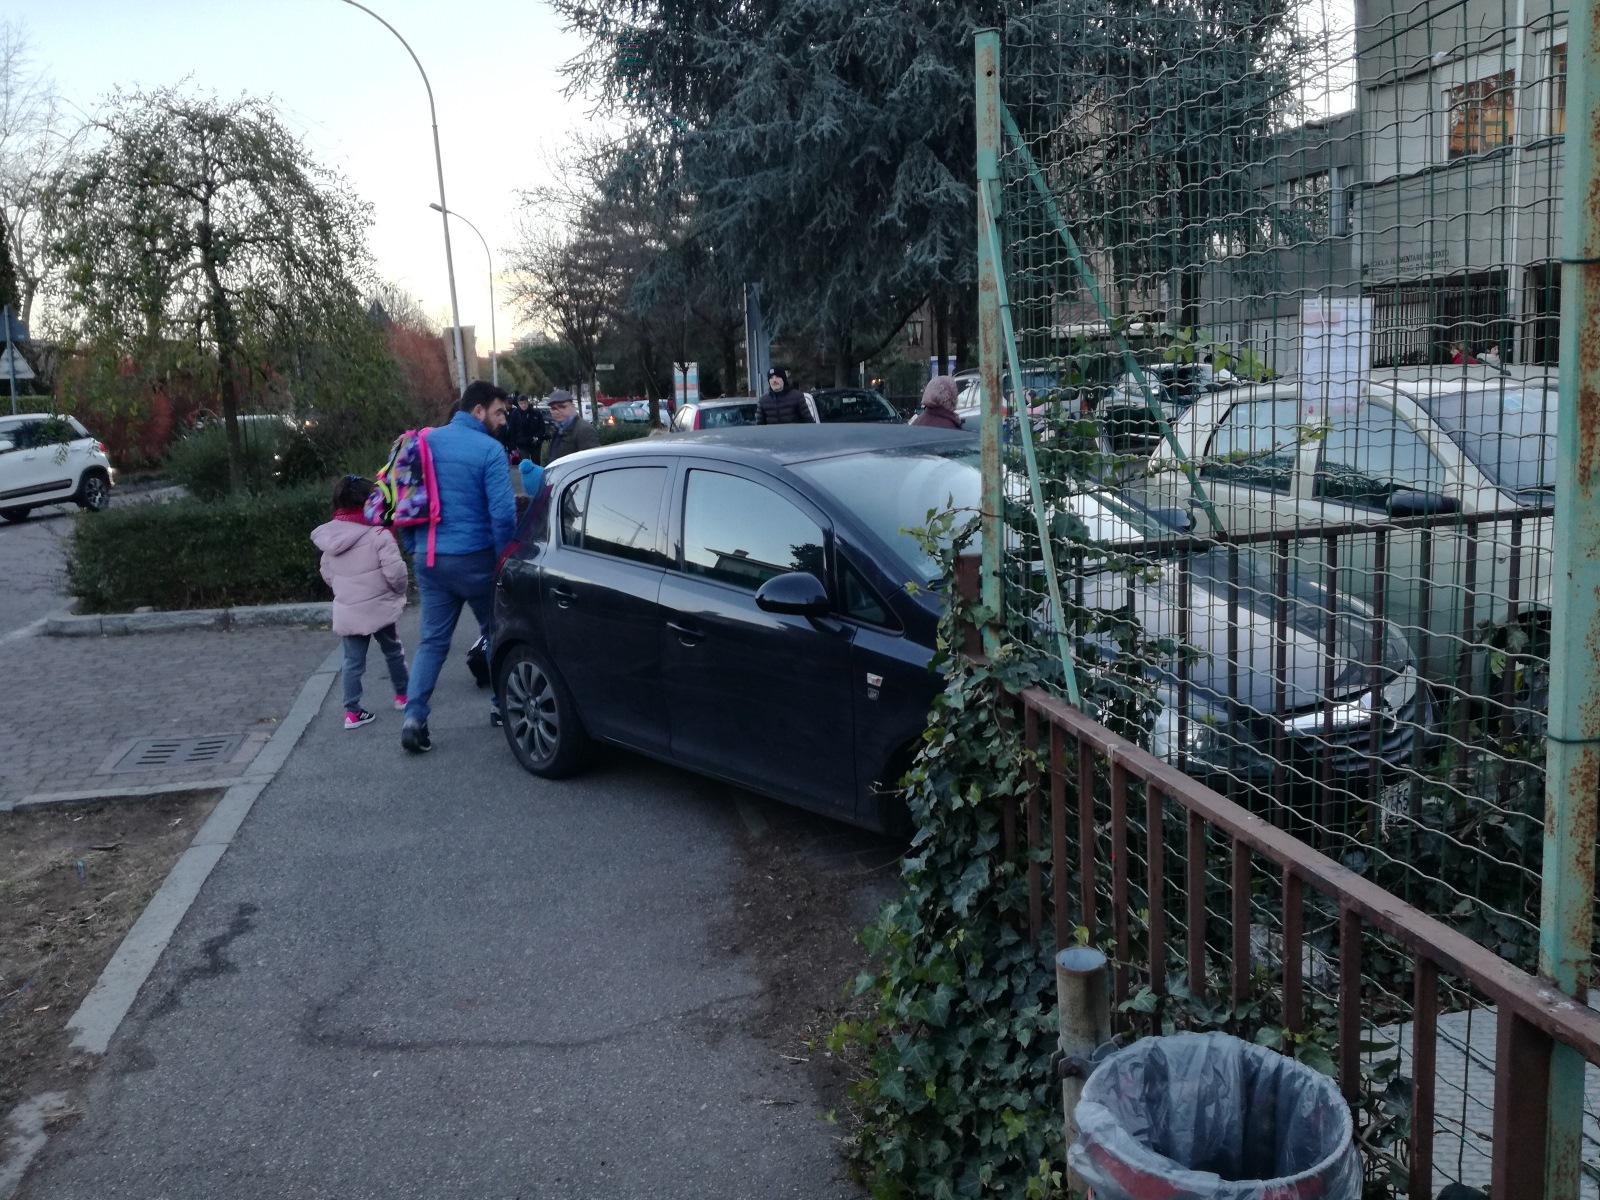 Parcheggio selvaggio davanti alla scuola, bambini rischiano di essere travolti